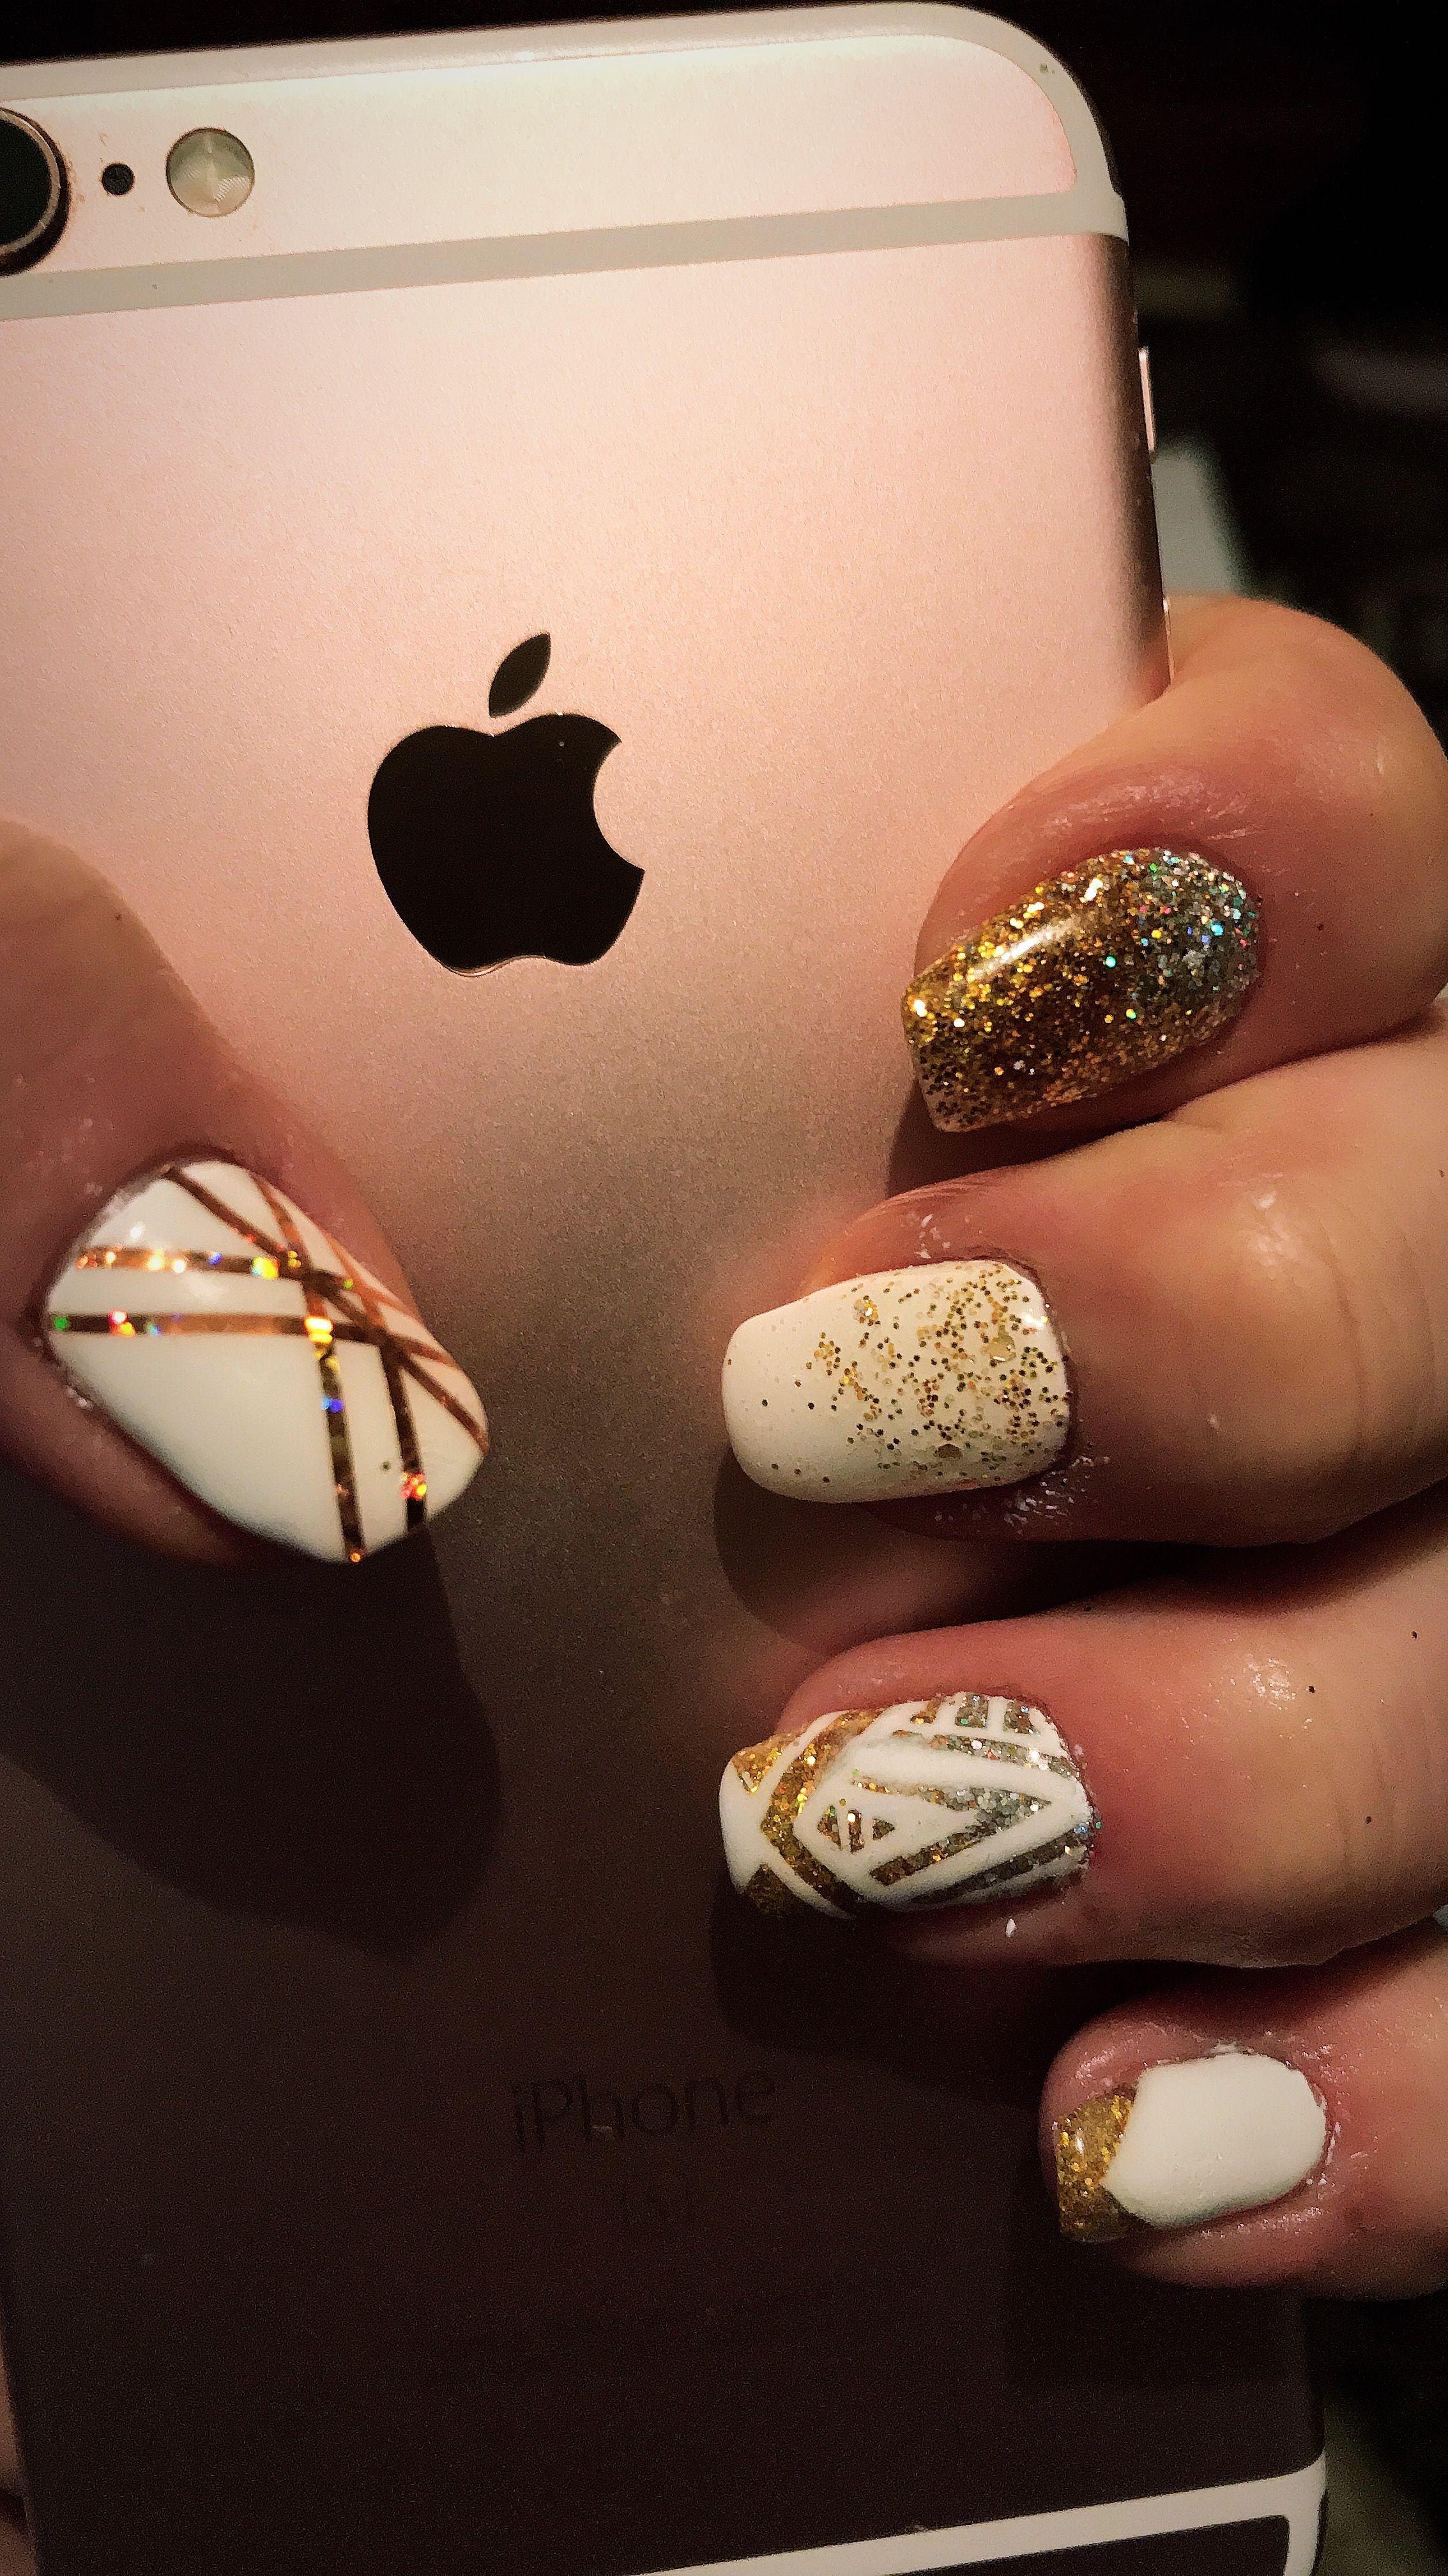 #nail #nailart #nailsart #design #naildesign #gold #classy